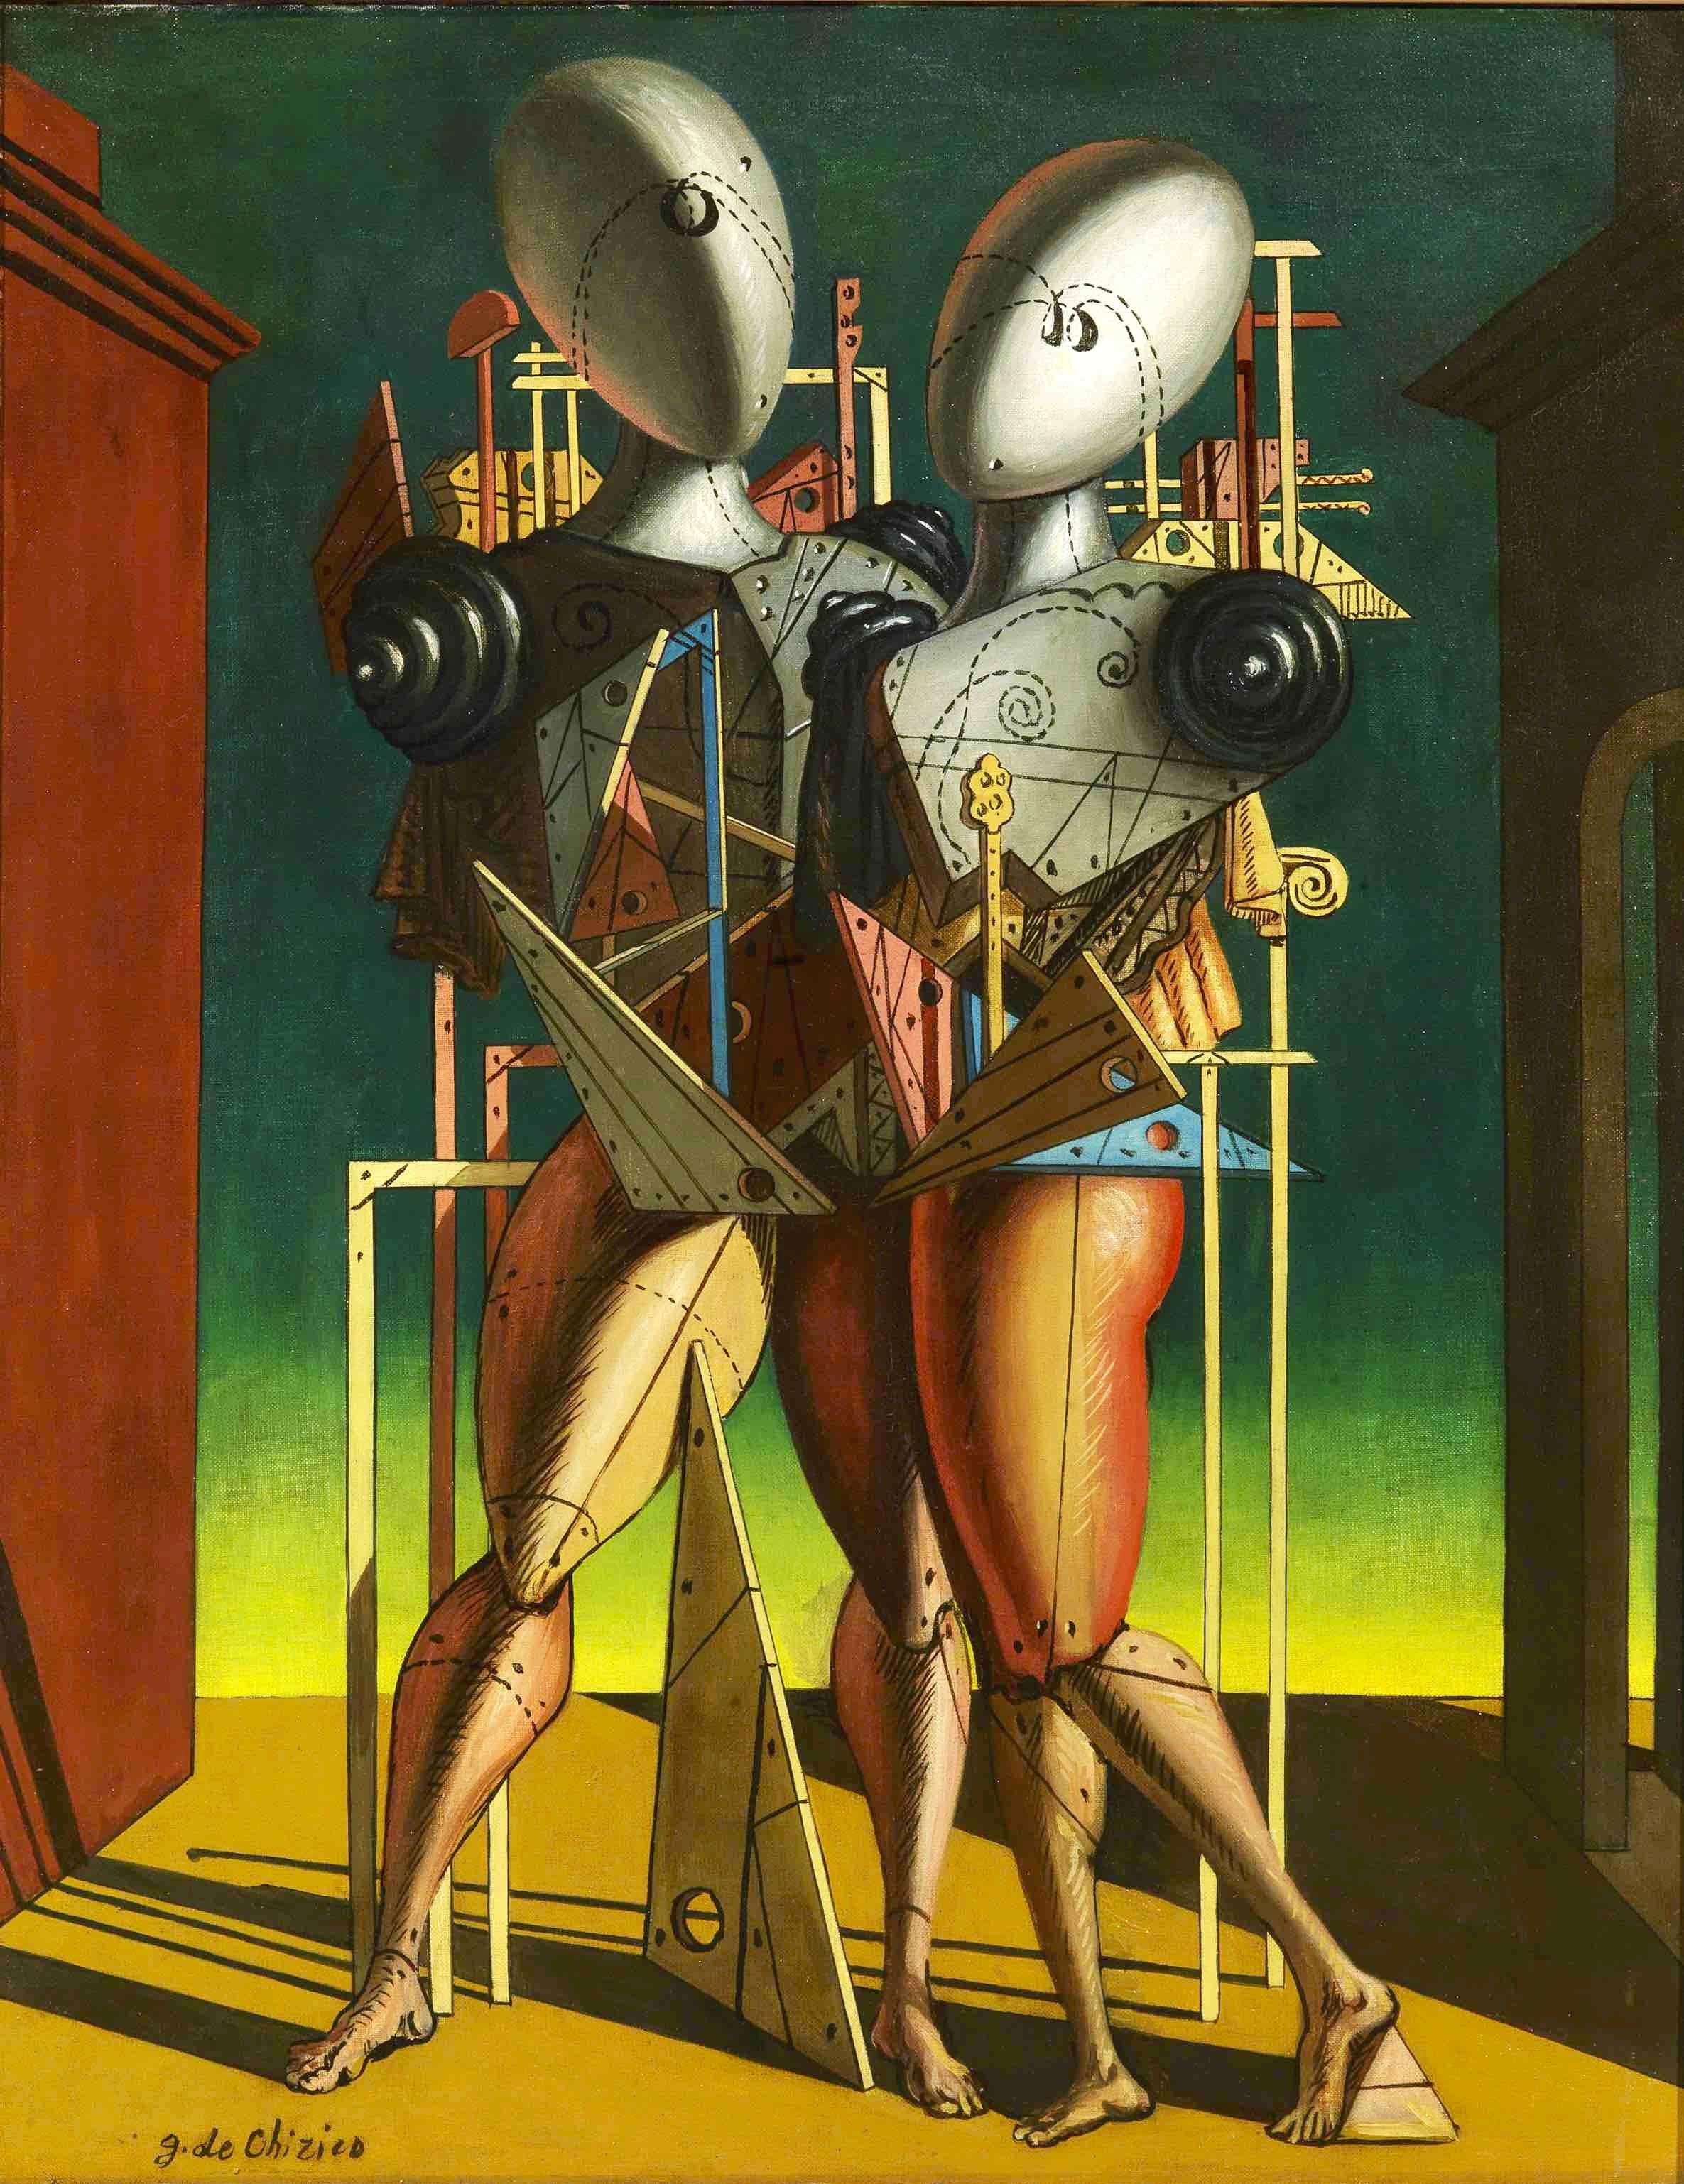 Ettore e andromaca (Hector and Andromache; 1950), Giorgio de Chirico.